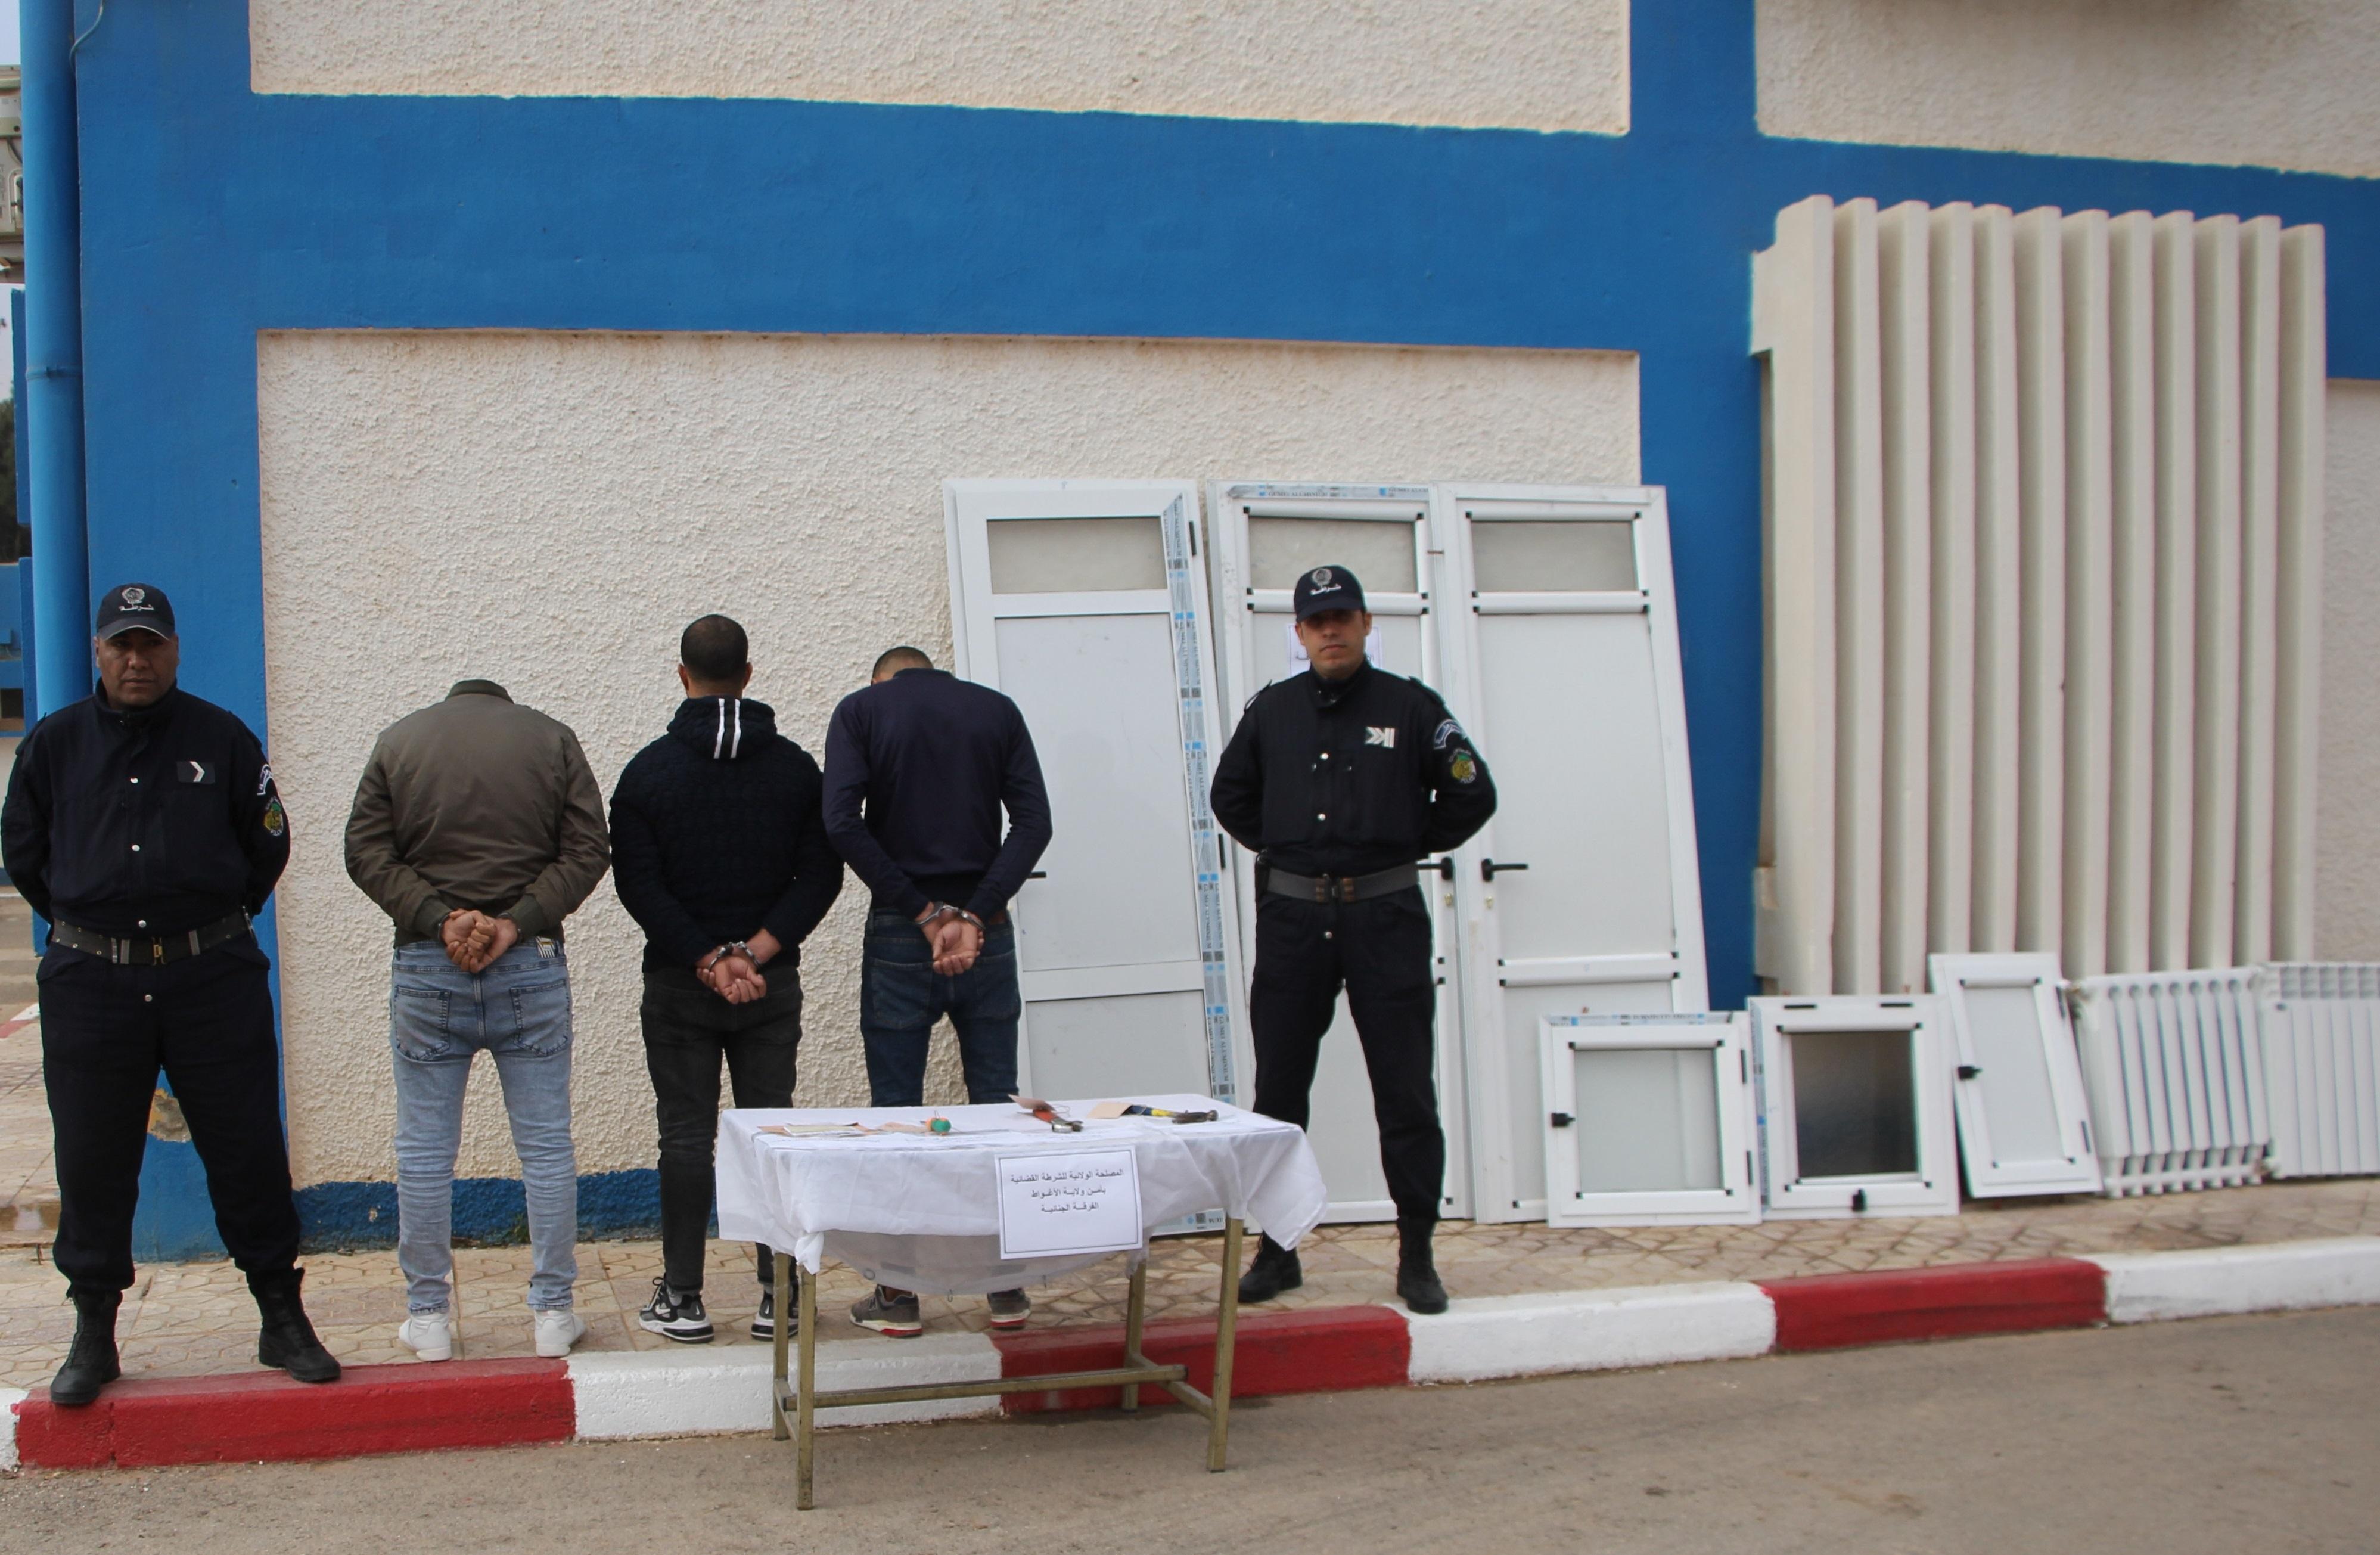 صورة توقيف ثلاثة أشخاص بتهمة تكوين جمعية أشرار لغرض الإعداد لجناية السرقة بالاغواط